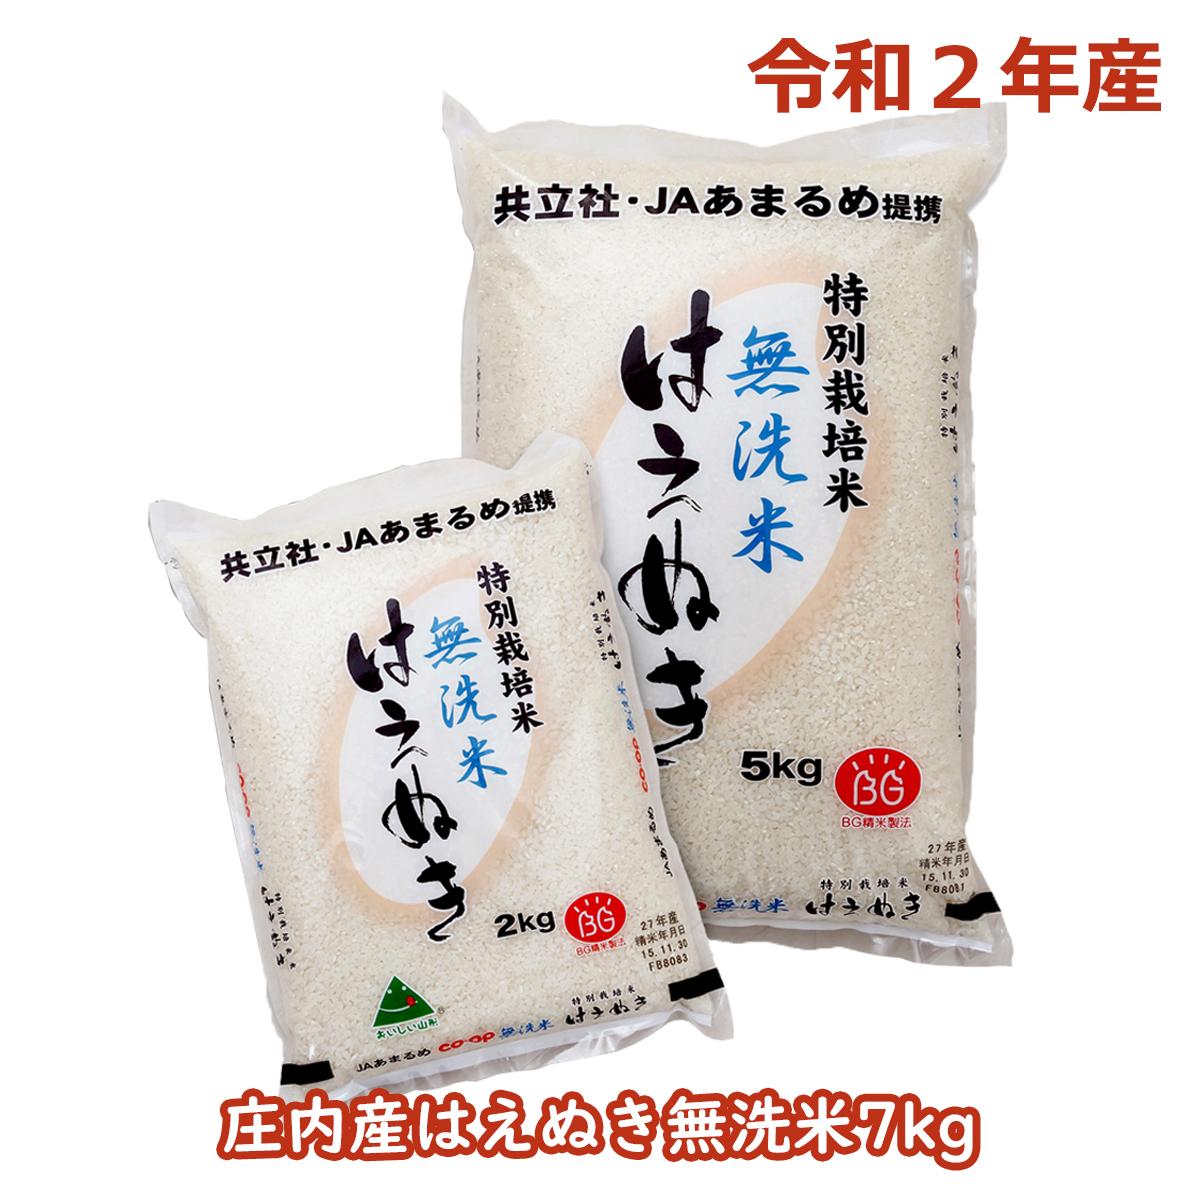 【ふるさと納税】令和2年産特別栽培米はえぬき無洗米7kg(10月以降順次発送)【新米予約】